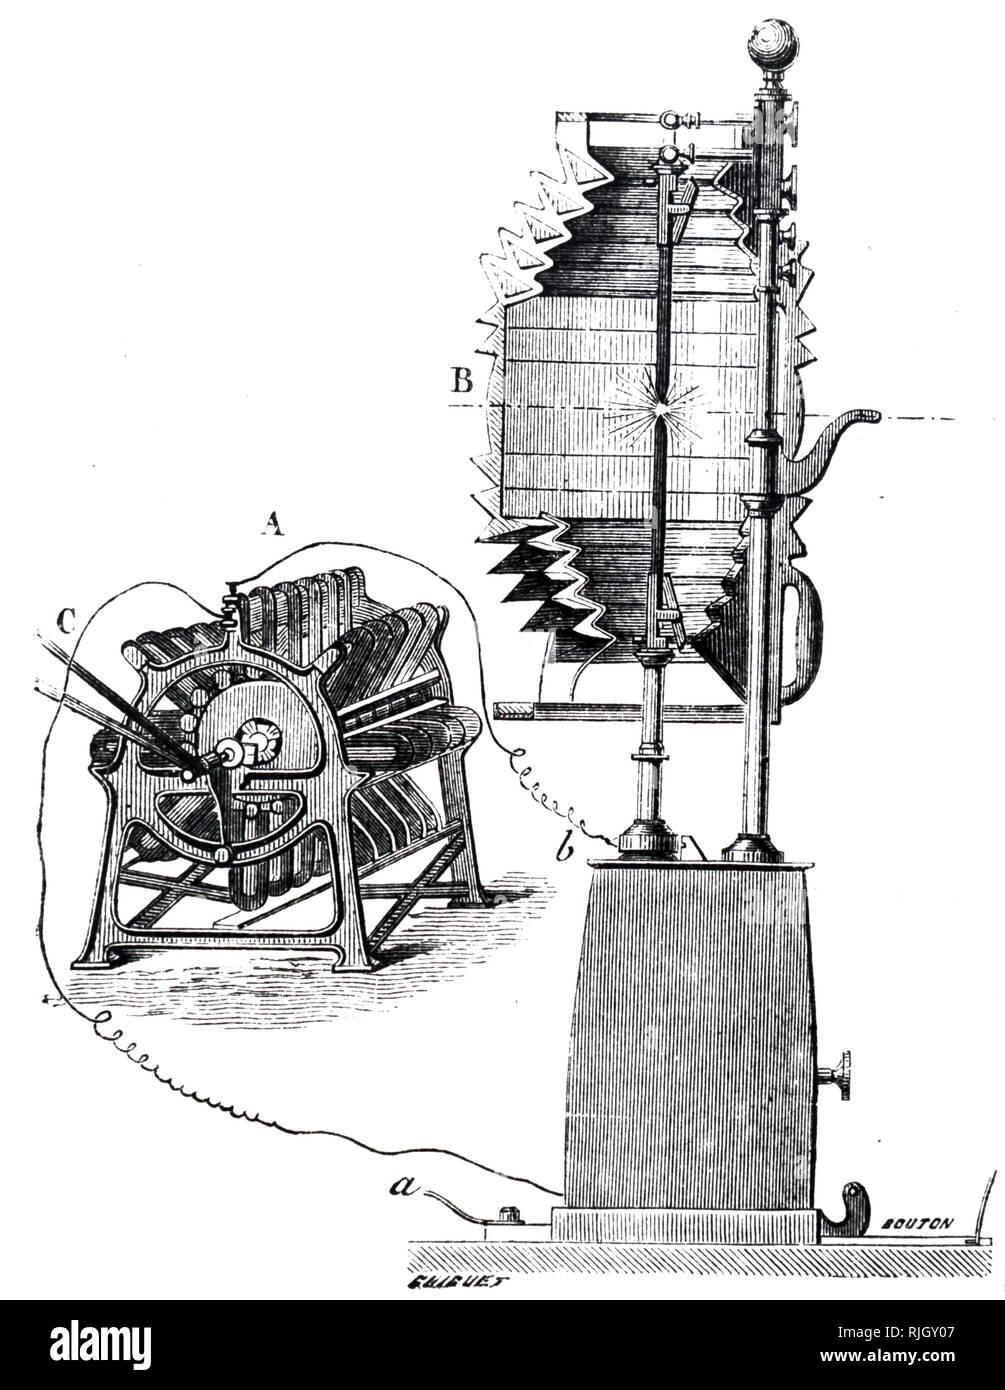 Ein kupferstich mit der Darstellung der Allianz Nollet Generator verwendet werden Stromversorgung eines Lichtbogen-schweiLampe. In Leuchttürme auf La Heve verwendet. Vom 19. Jahrhundert Stockbild